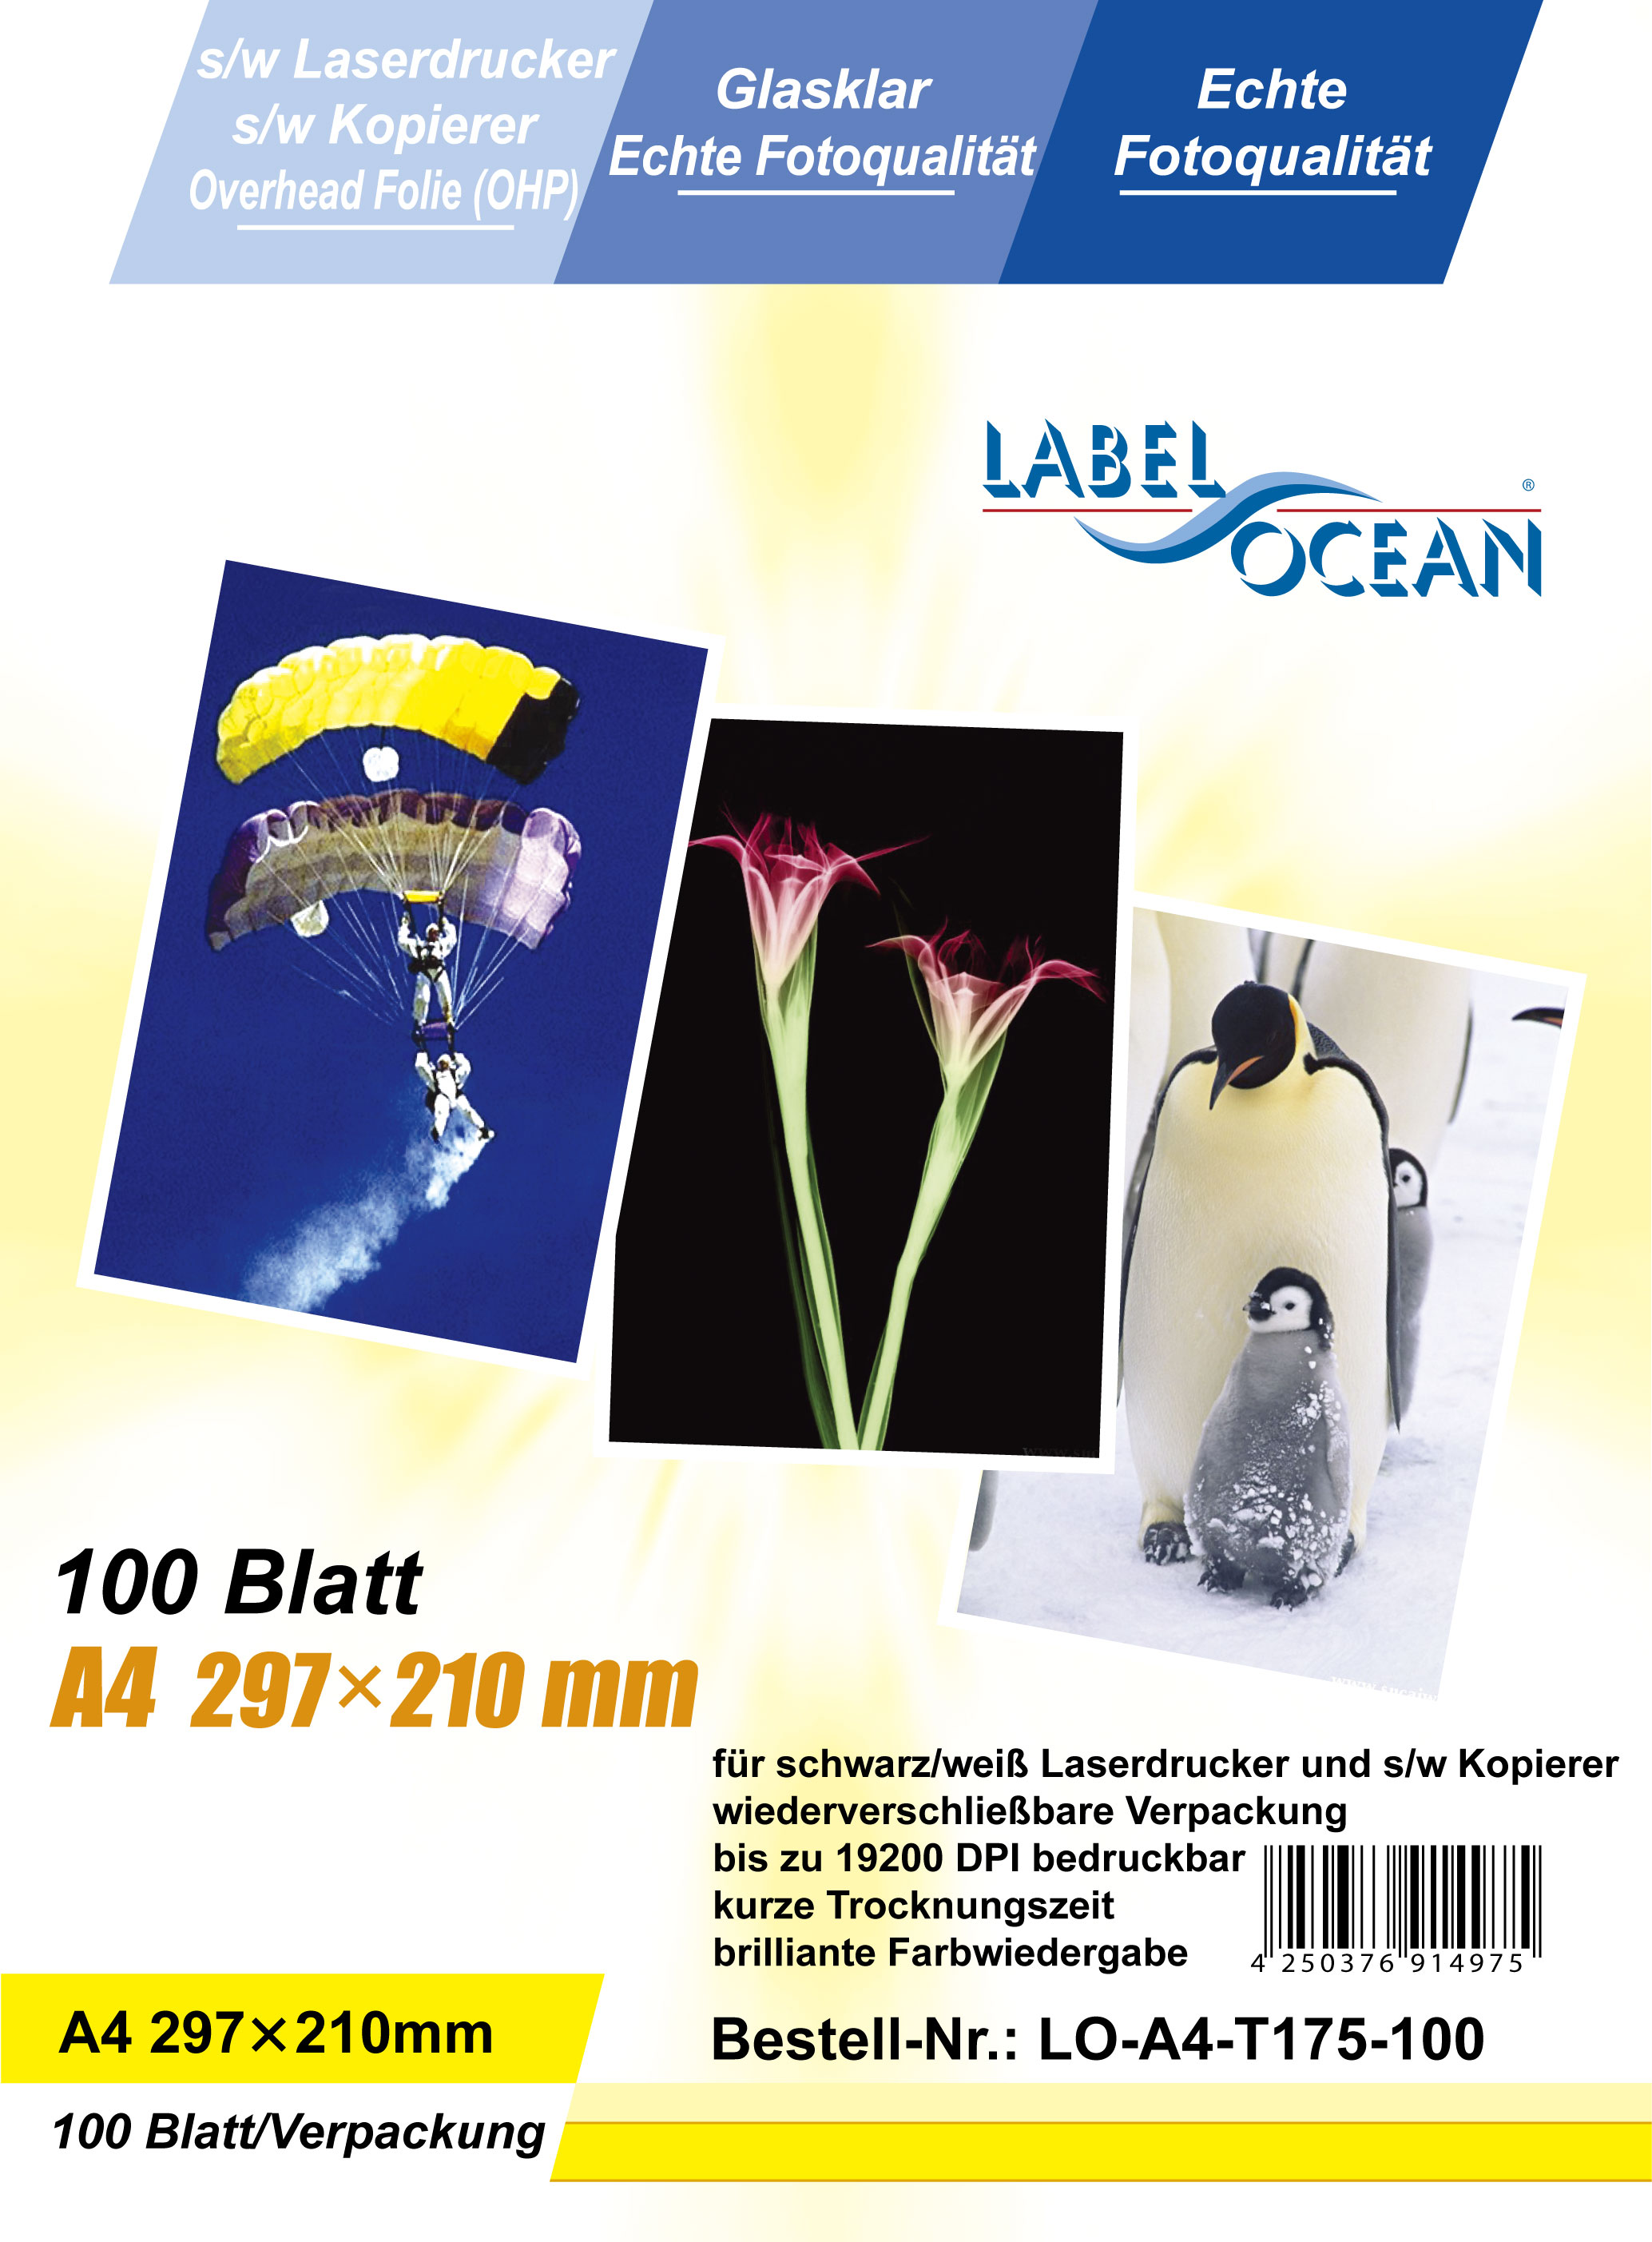 100 Bl.A4 Overheadfolien Overhead OHP Folie für s/w Laserdrucker von LabelOcean